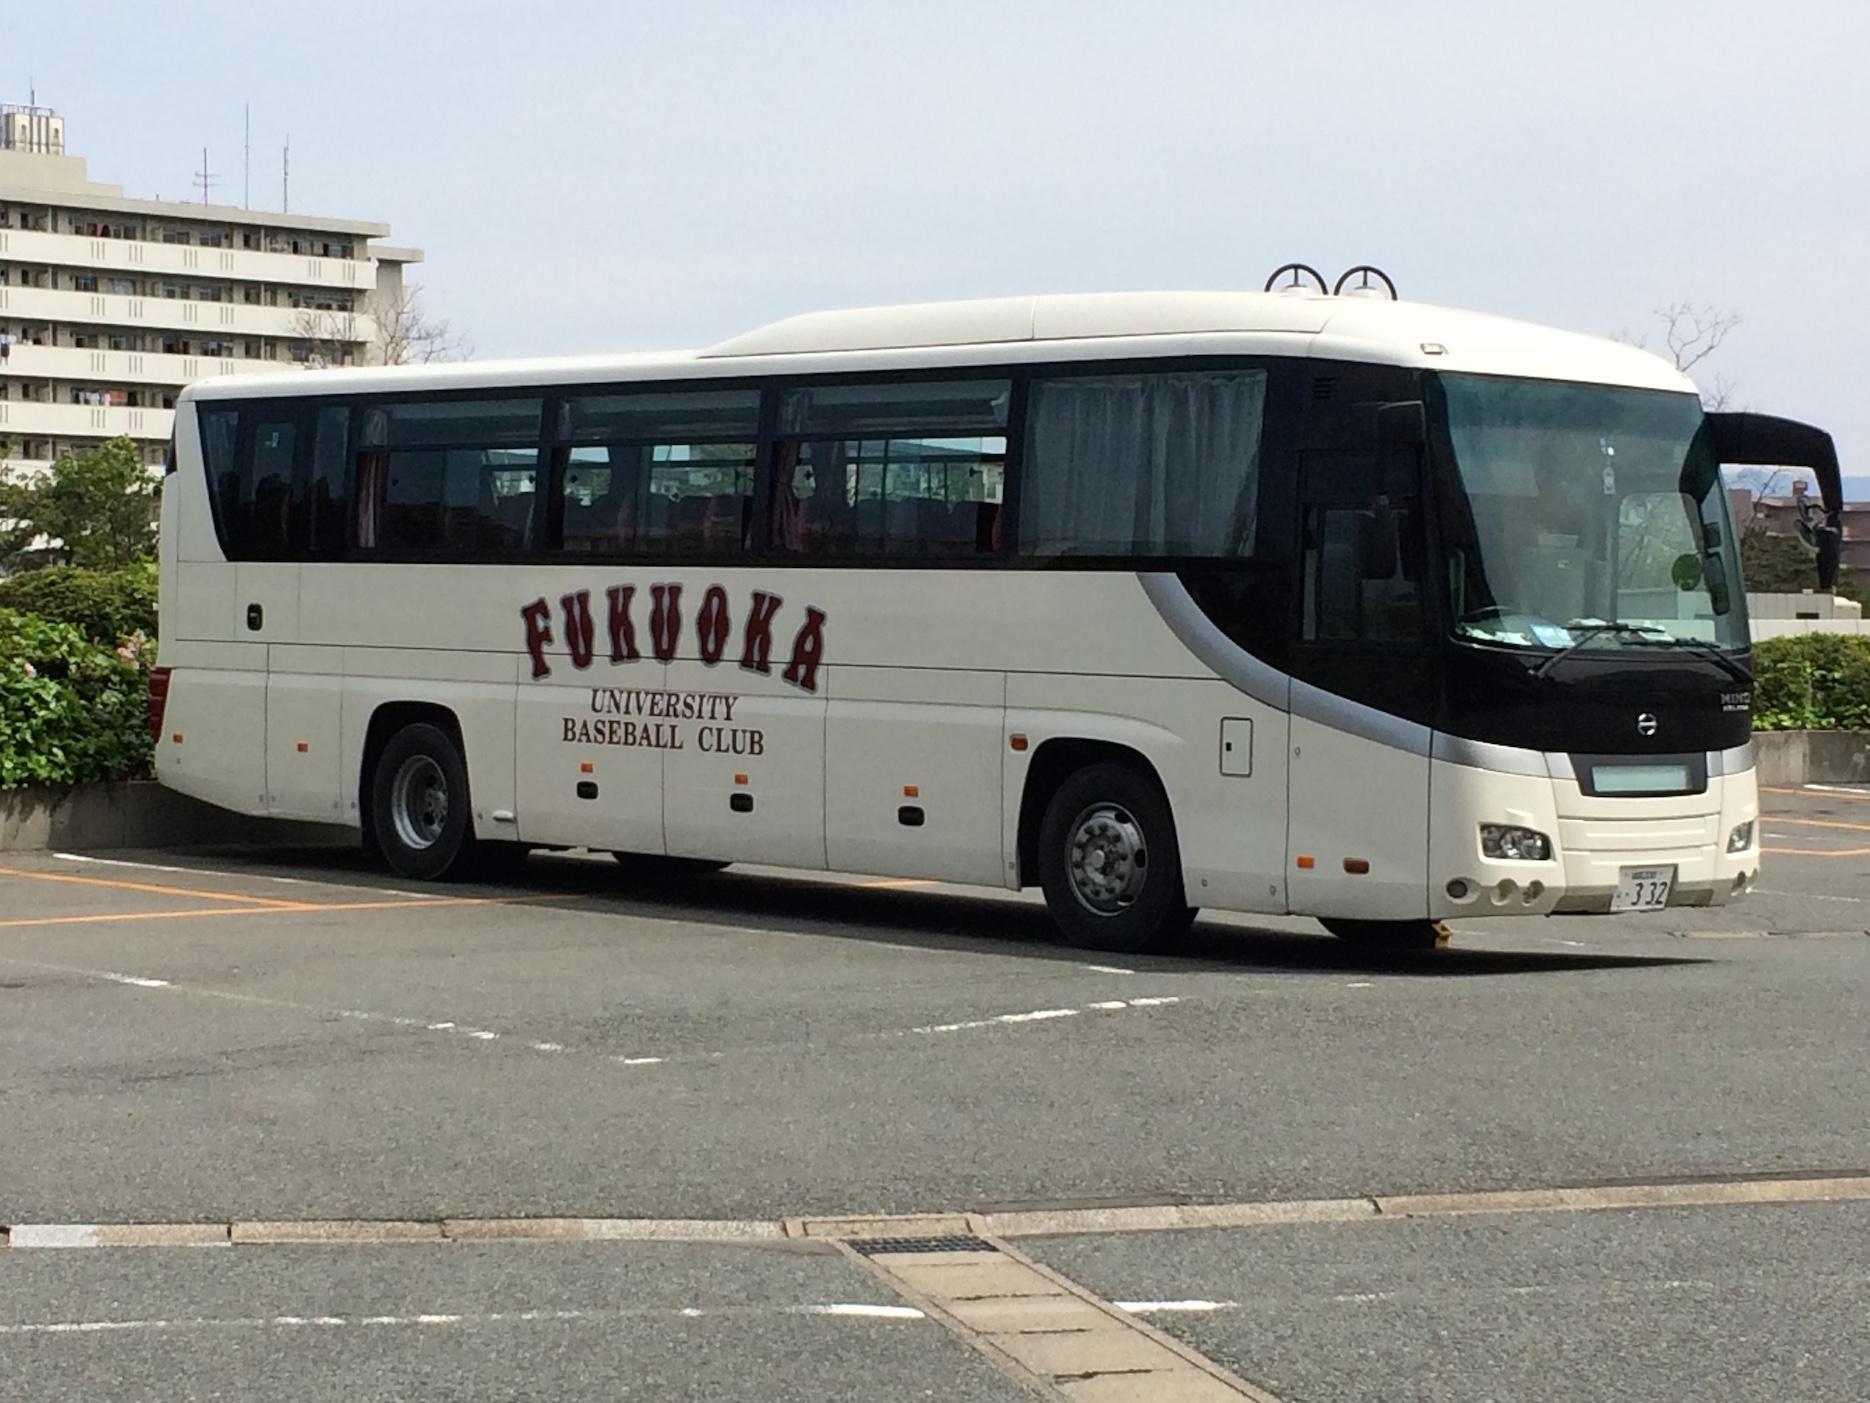 福大野球部のバス